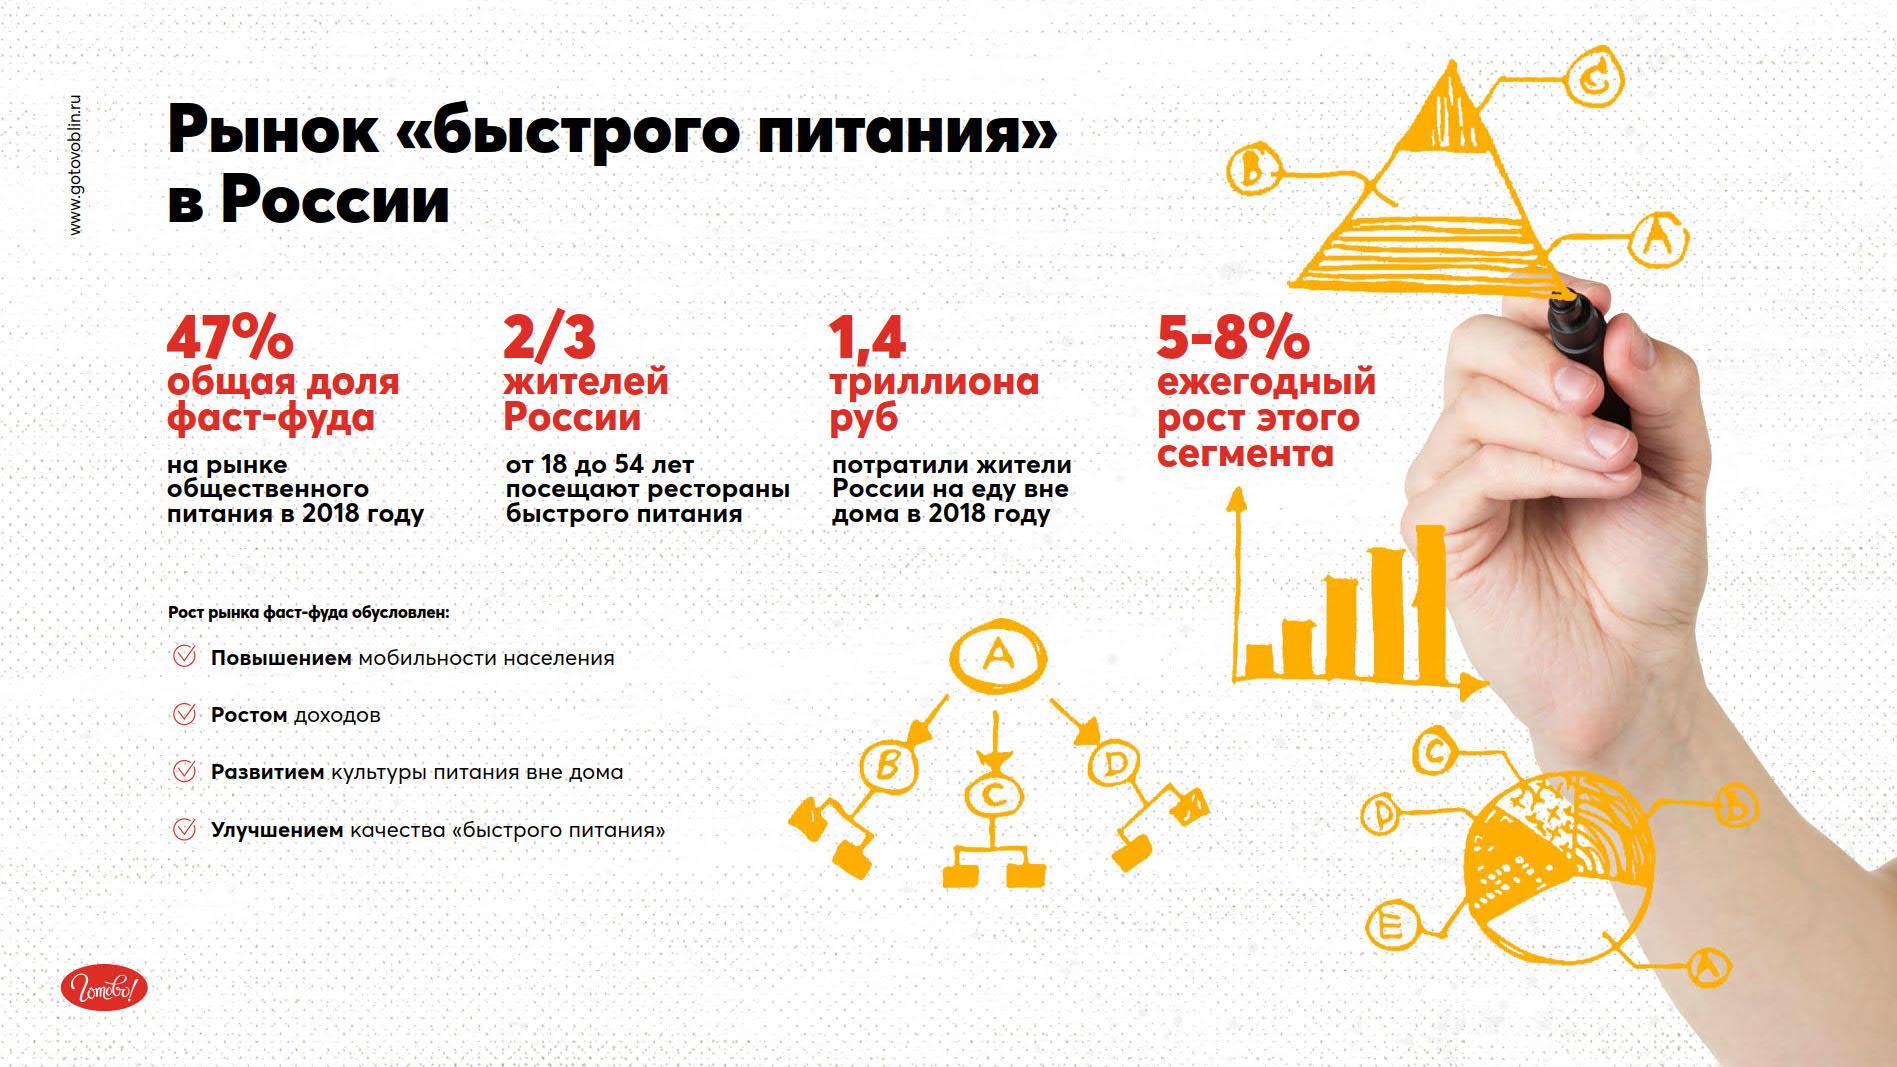 Презентация федеральной сети блинных